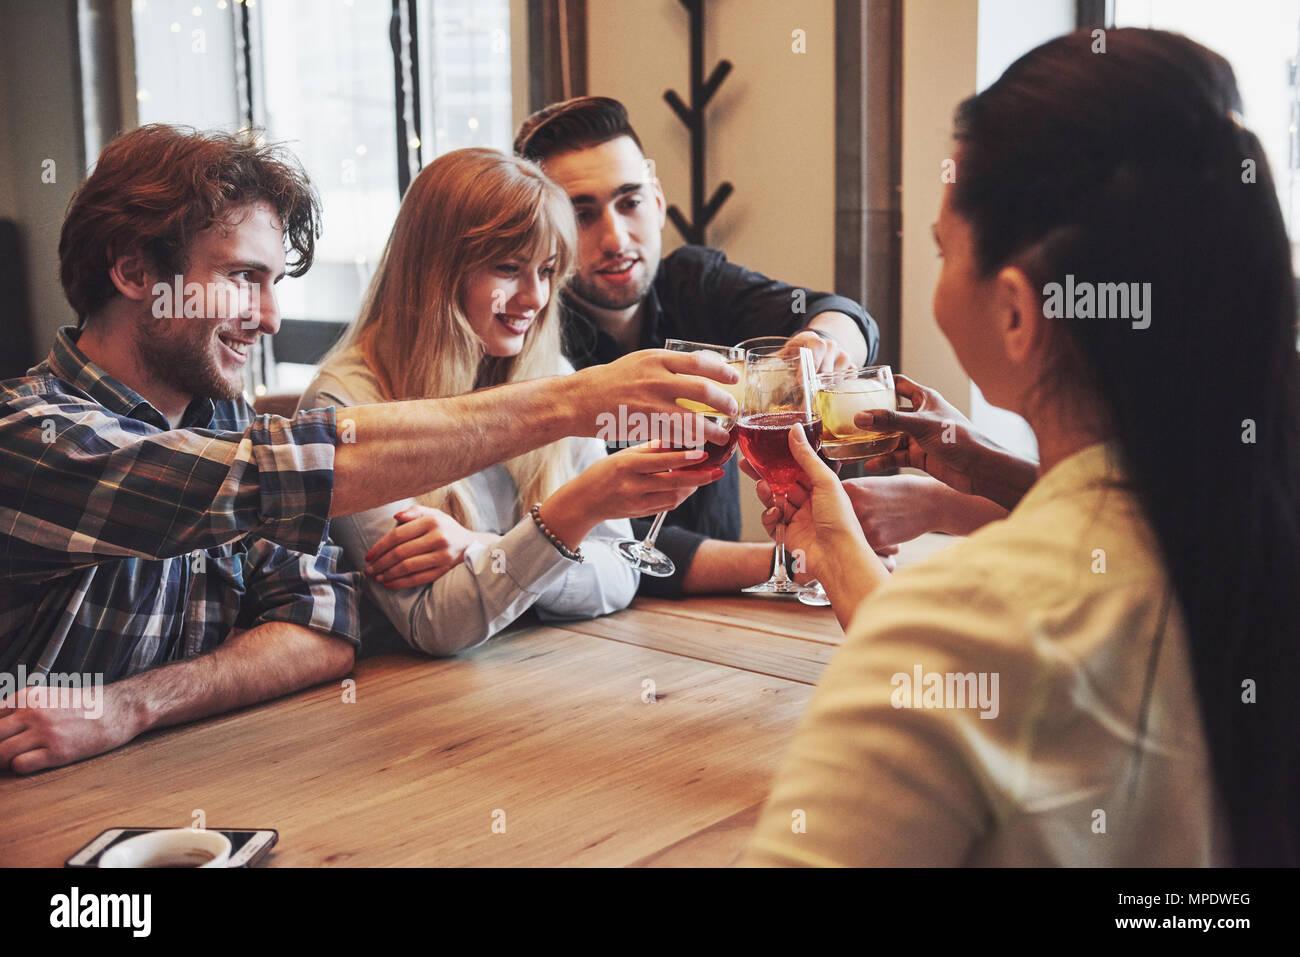 Un gruppo di giovani amici divertendosi e ridendo durante i pasti al tavolo nel ristorante Immagini Stock